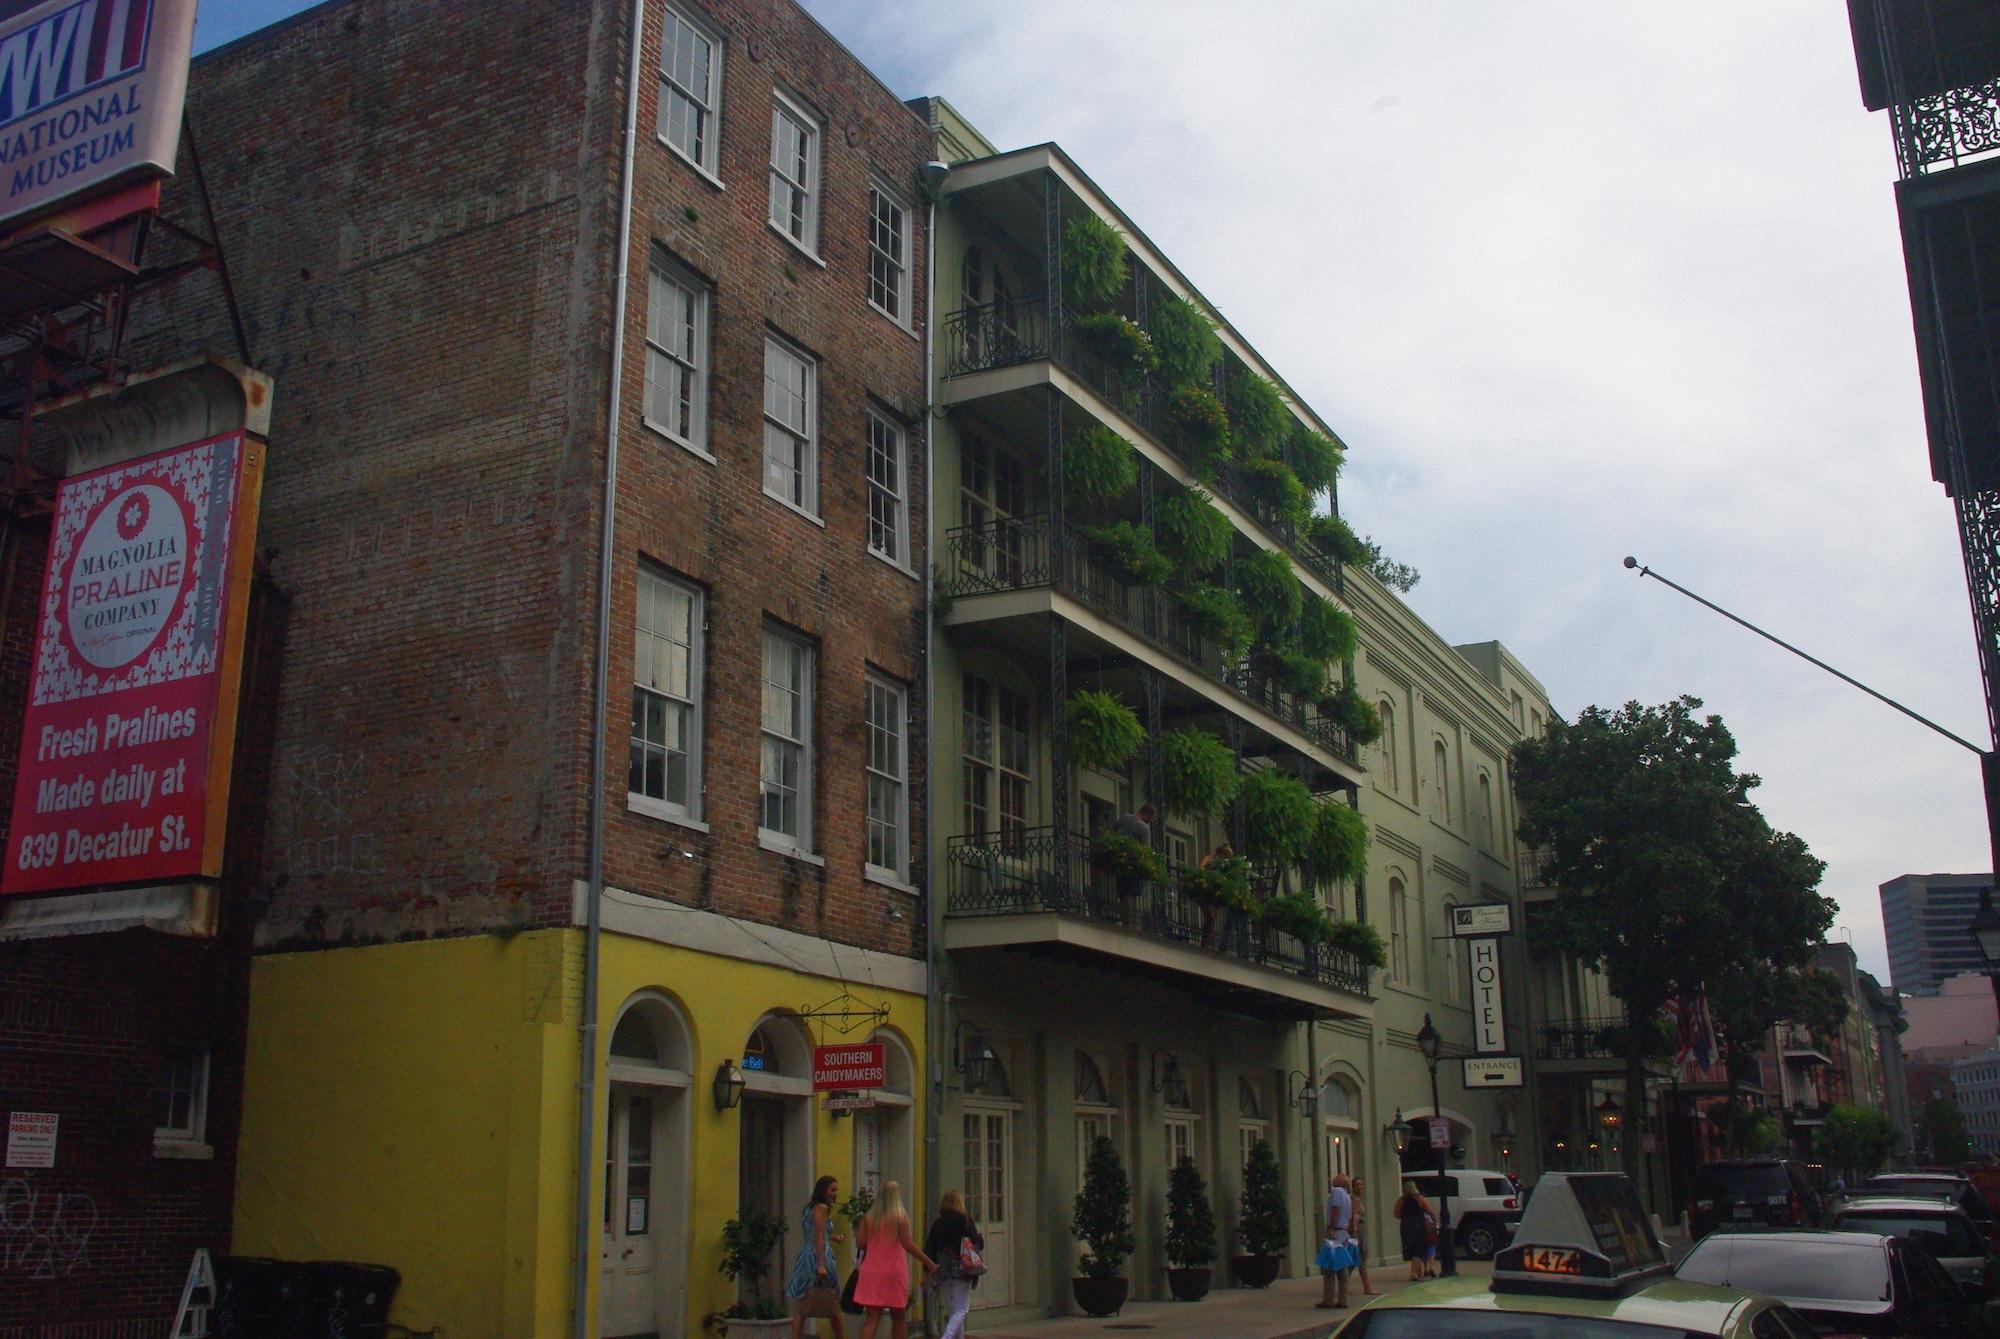 Toujours de splendides bâtiments